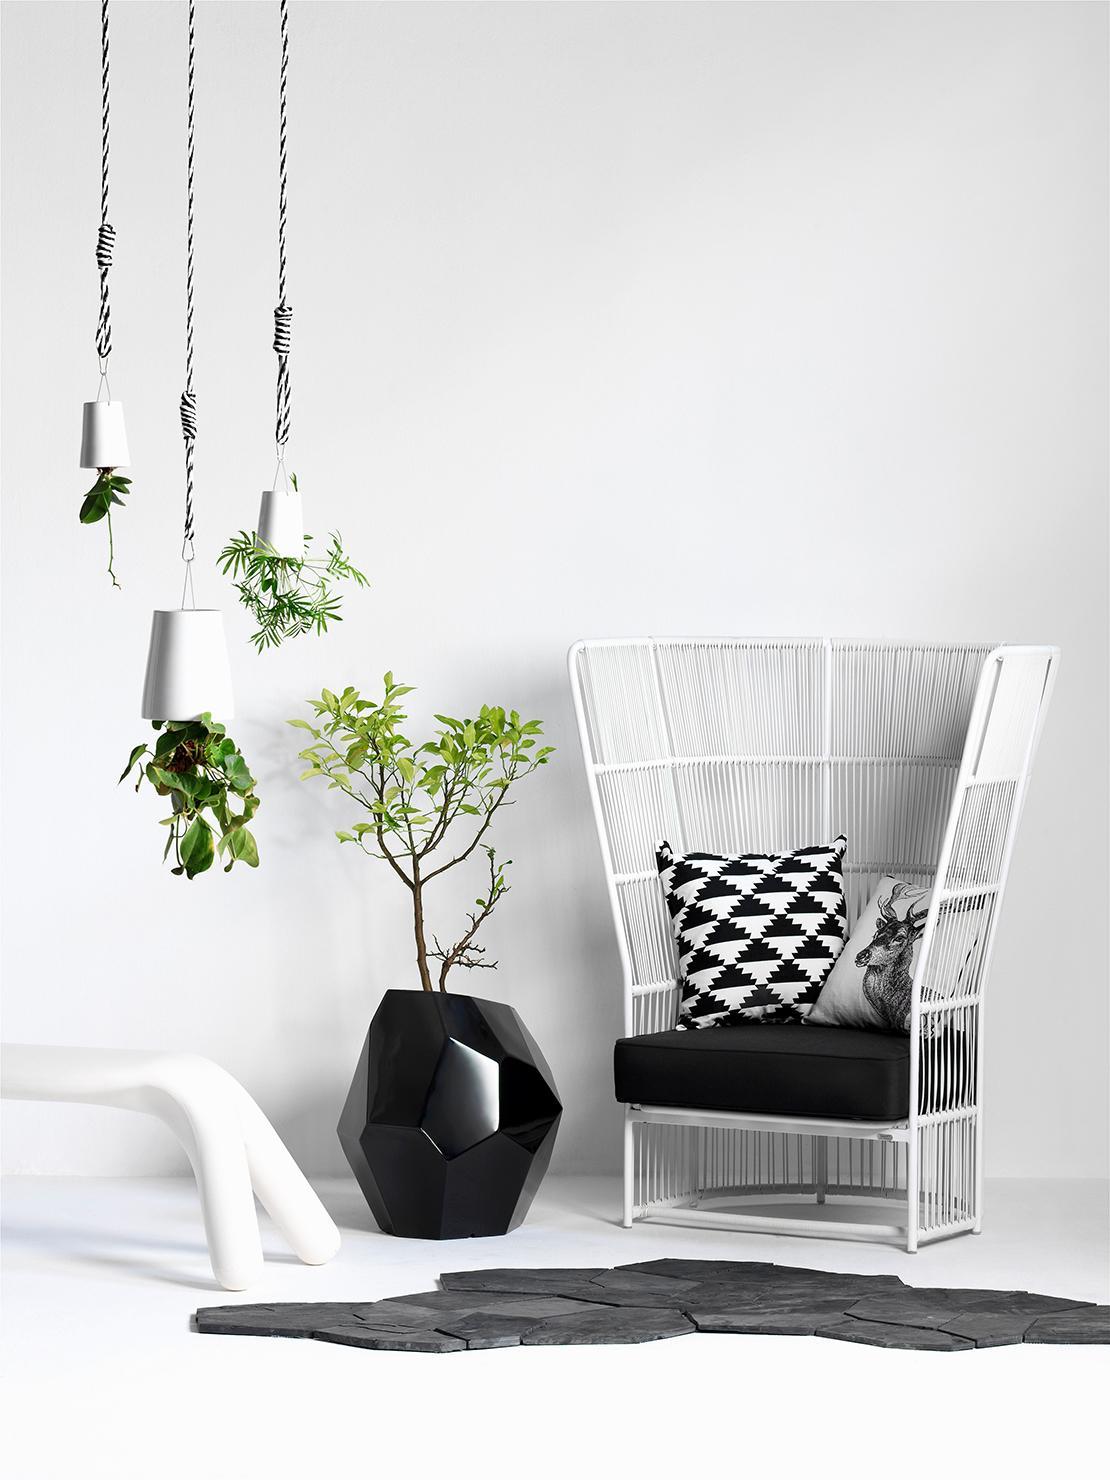 riordinare casa greenery